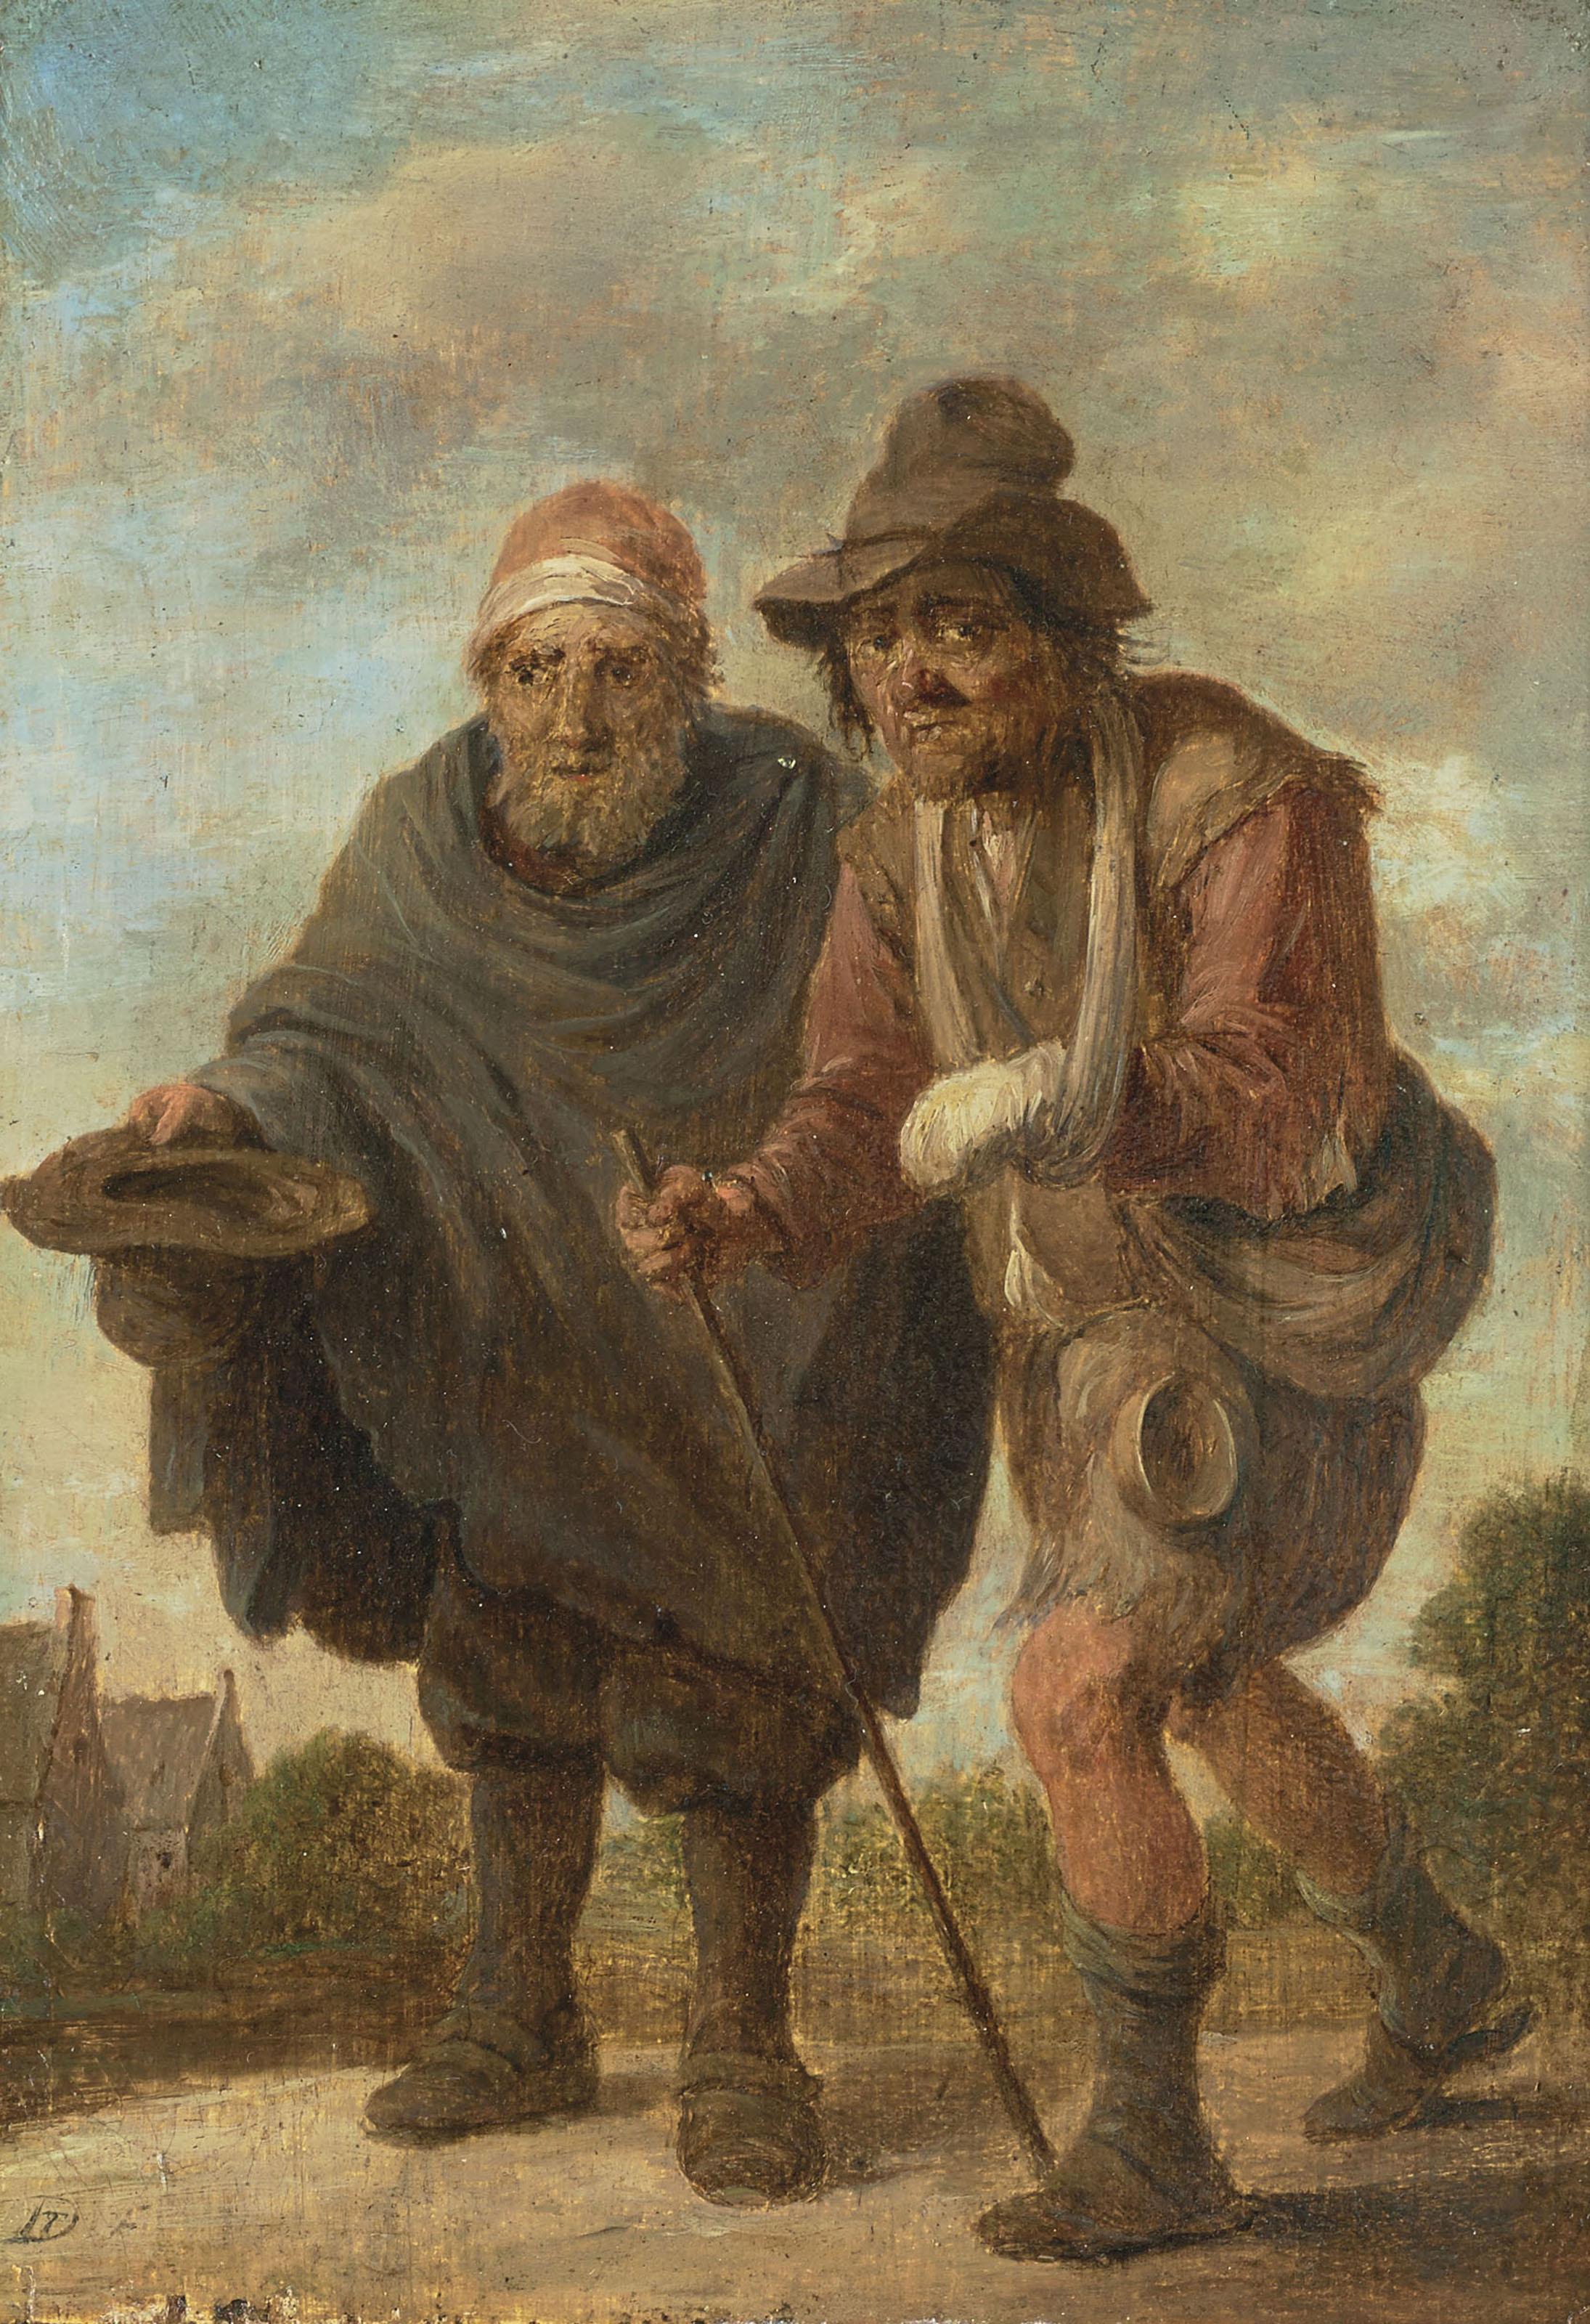 DAVID TENIERS LE JEUNE (ANVERS 1610 - 1690 BRUXELLES)